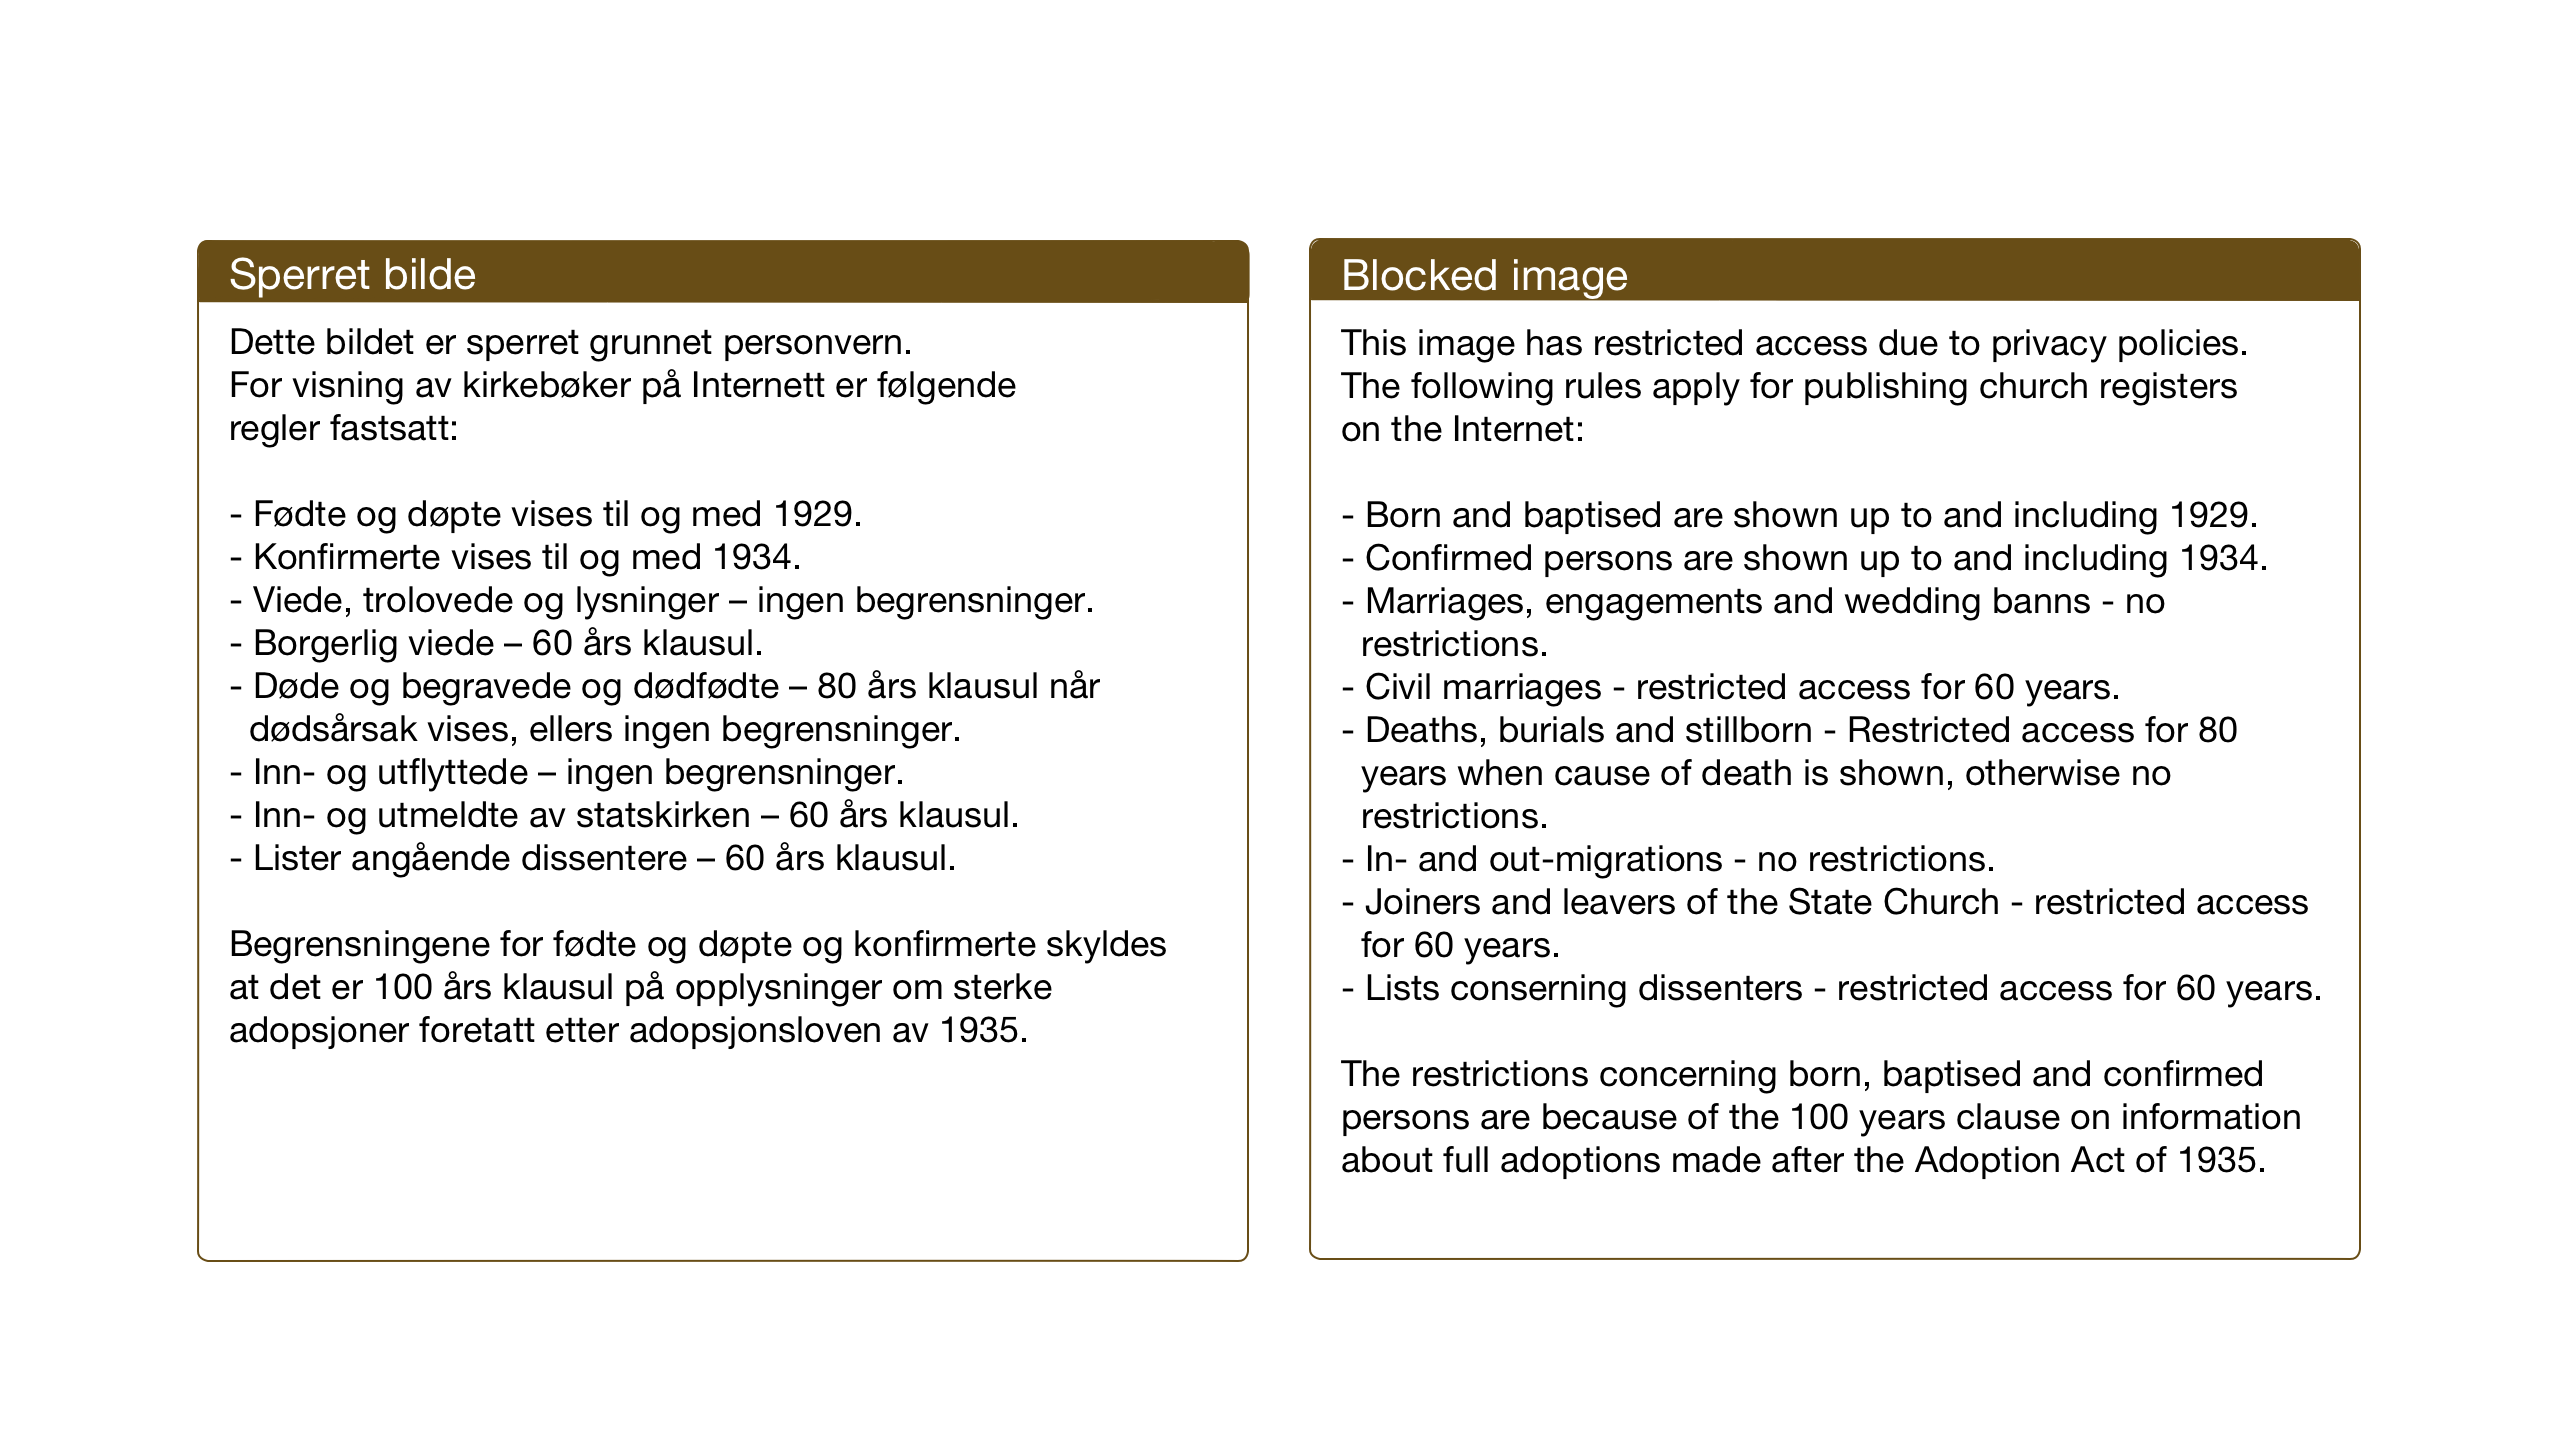 SAT, Ministerialprotokoller, klokkerbøker og fødselsregistre - Sør-Trøndelag, 651/L0648: Klokkerbok nr. 651C02, 1915-1945, s. 82